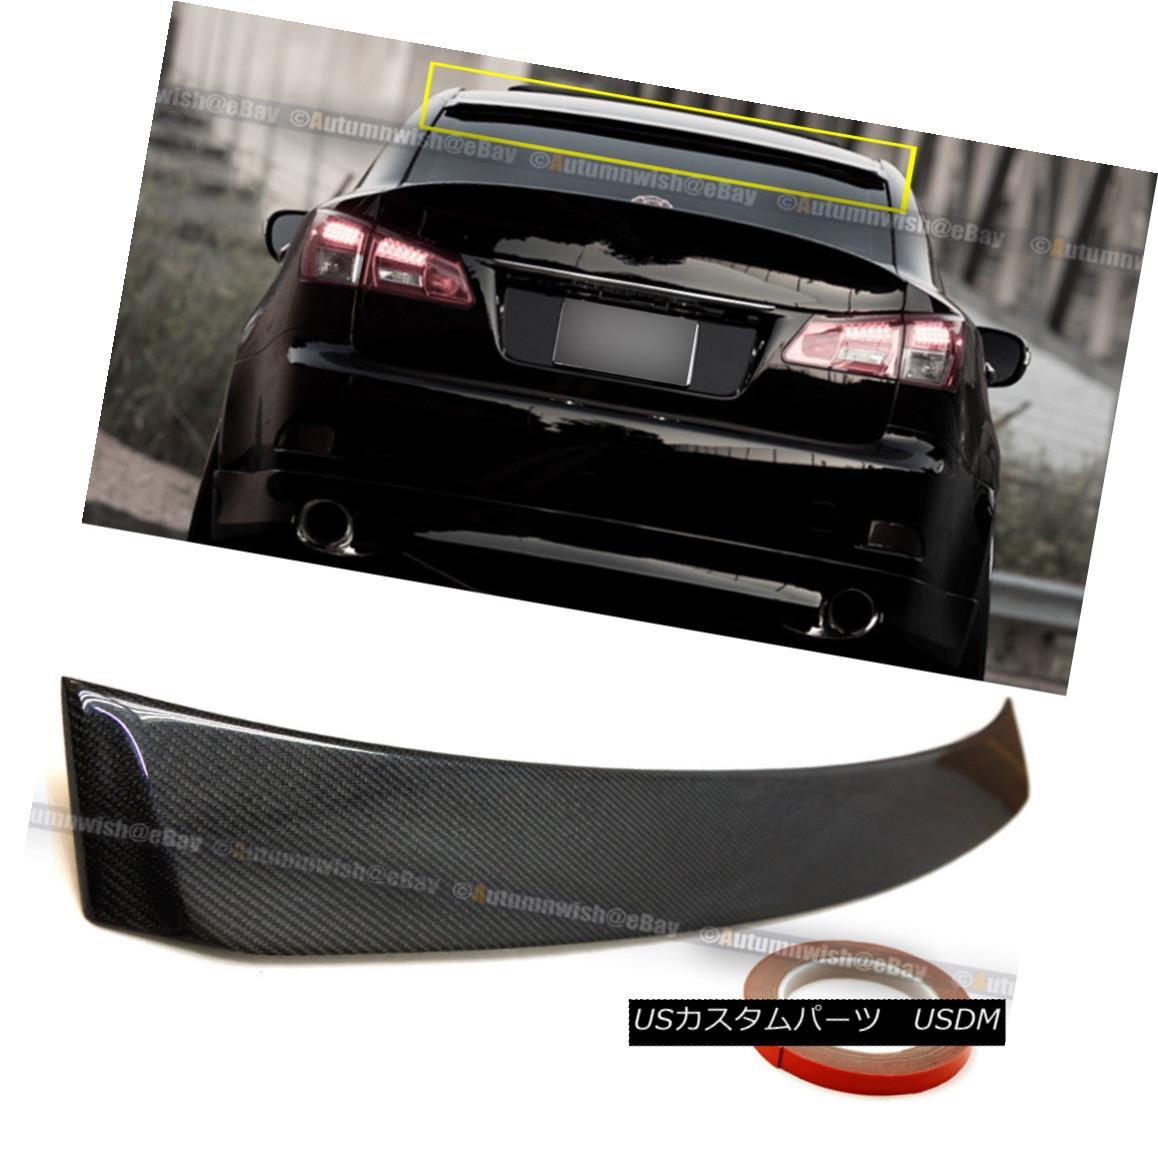 エアロパーツ Fit 2006 2013 Lexus IS 250 /350/ ISF VIP Real Carbon Fiber Rear Top Roof Spoiler Fit 2006 2013 Lexus IS 250/350 / ISF VIPリアルカーボンファイバーリアトップルーフスポイラー